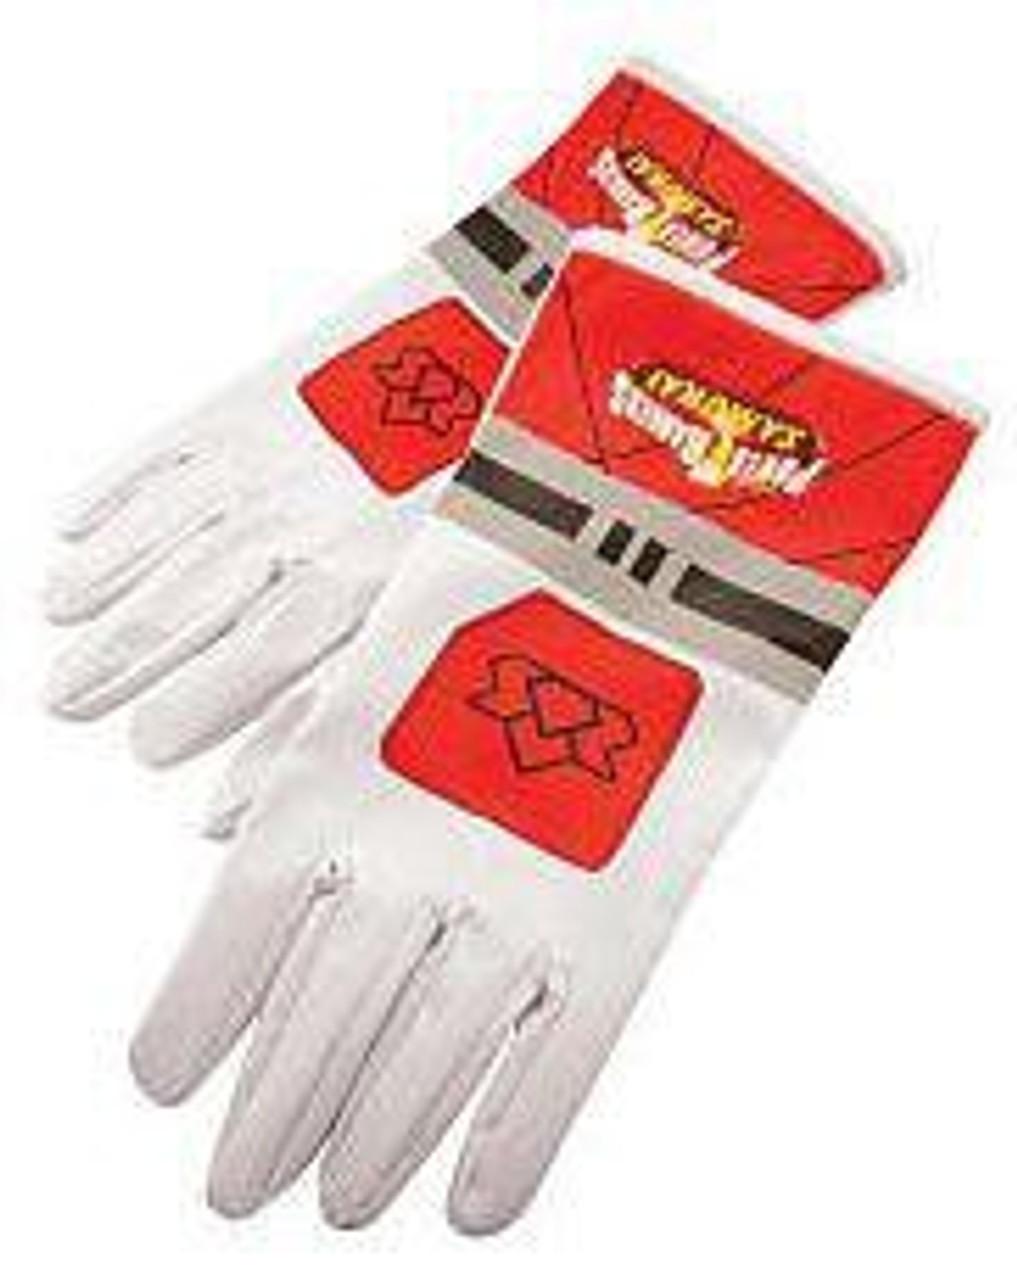 Power Rangers Samurai Ranger Gear Fire Hand Gear Roleplay Toy